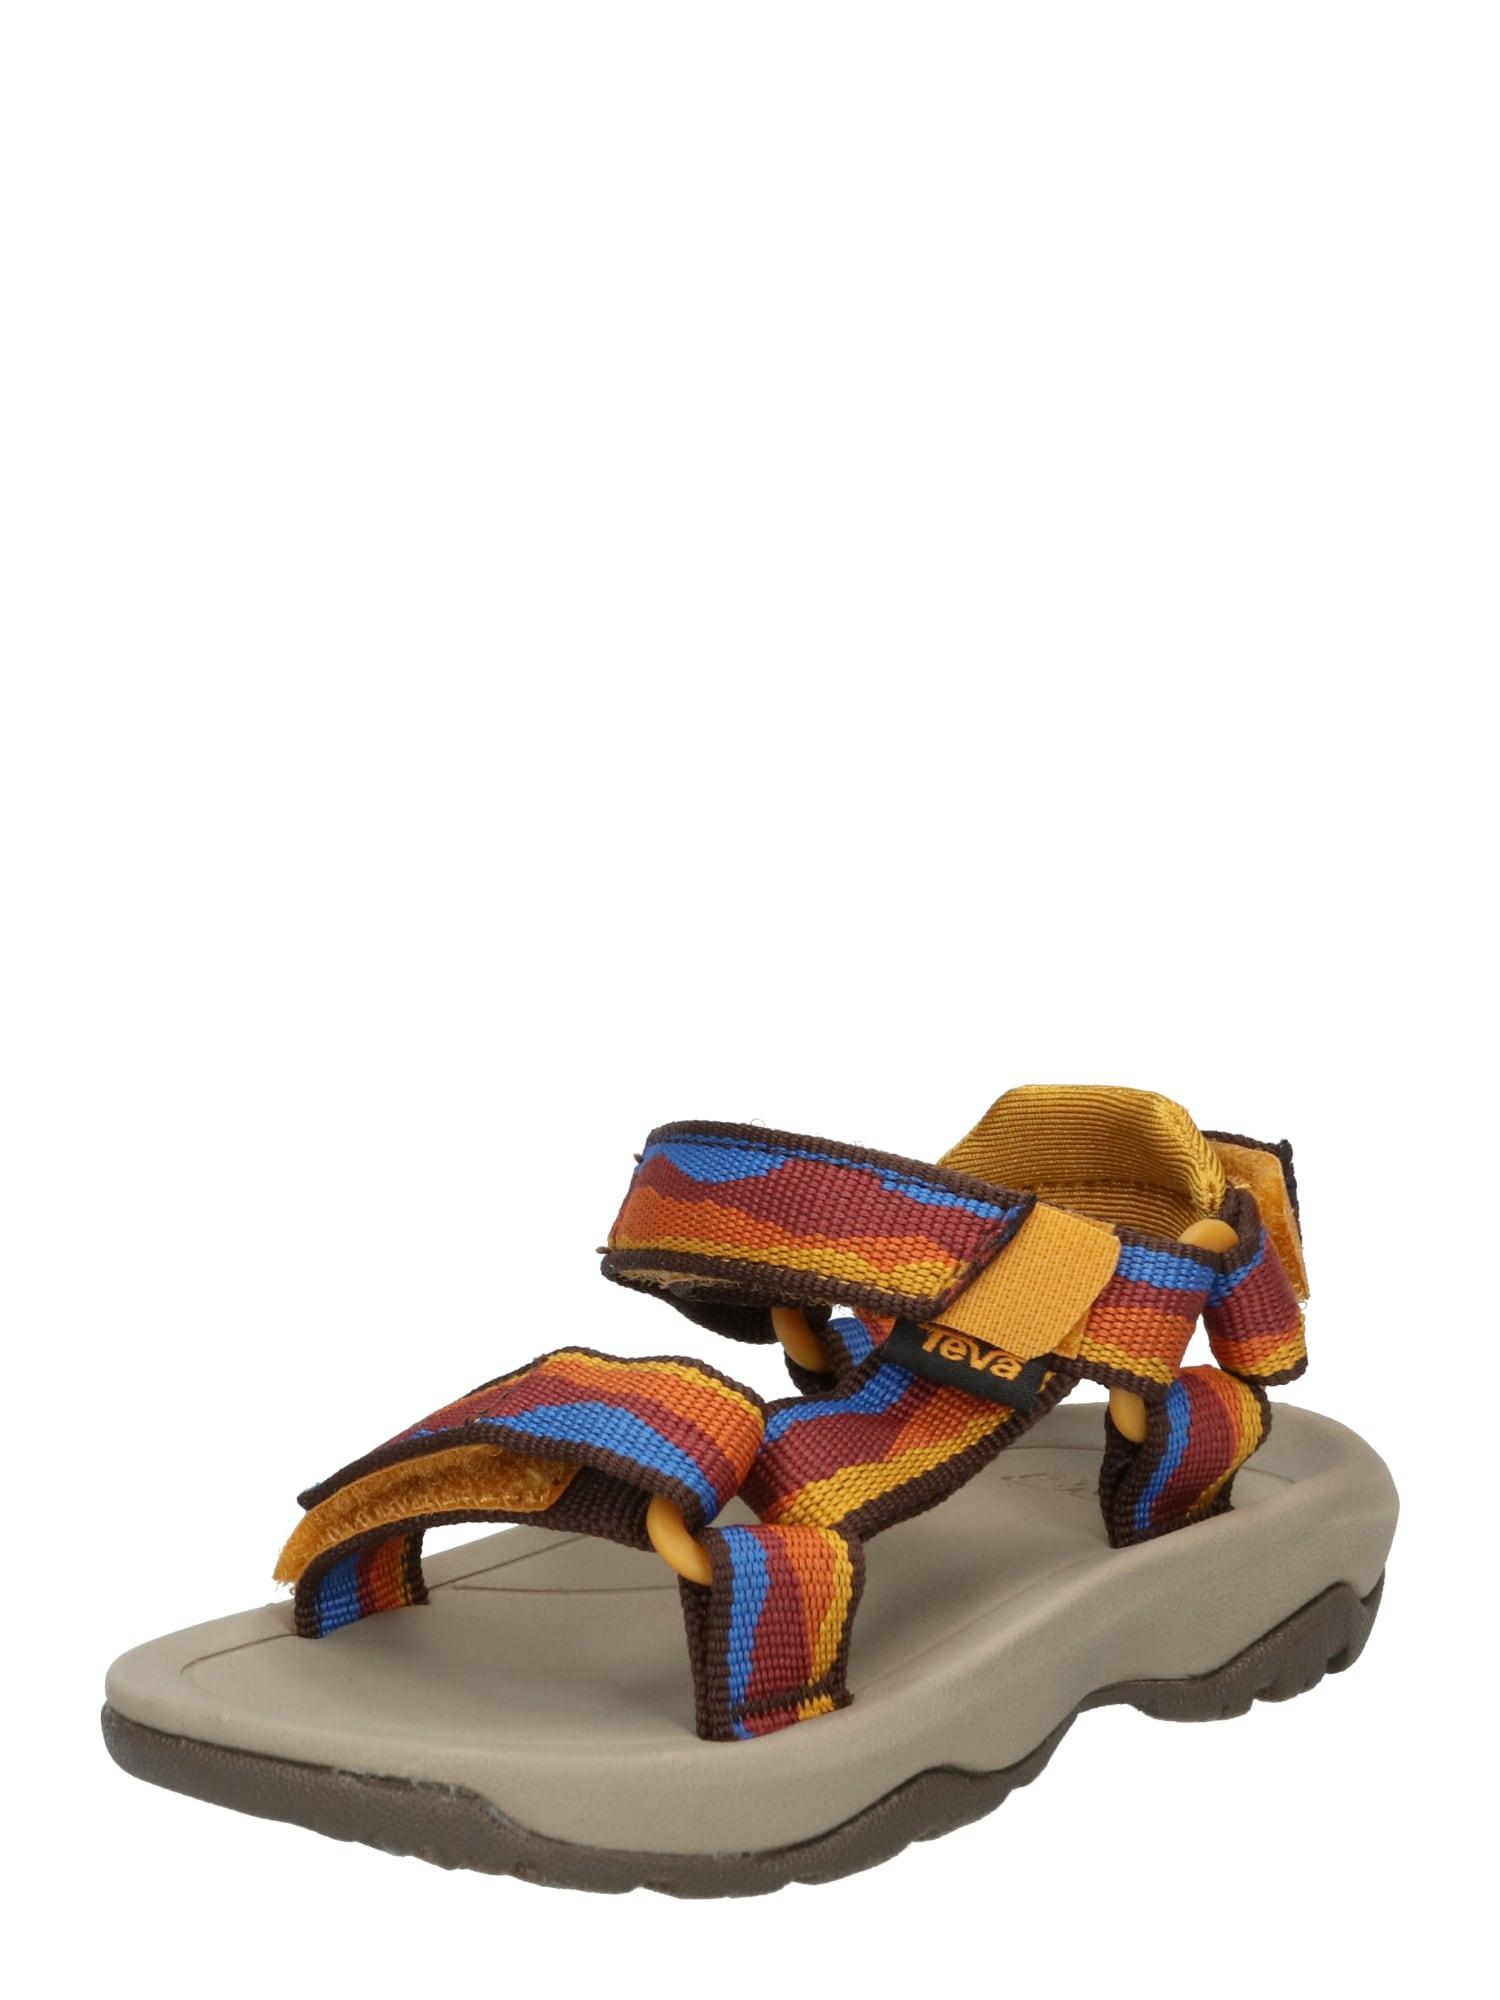 TEVA Atviri batai mišrios spalvos